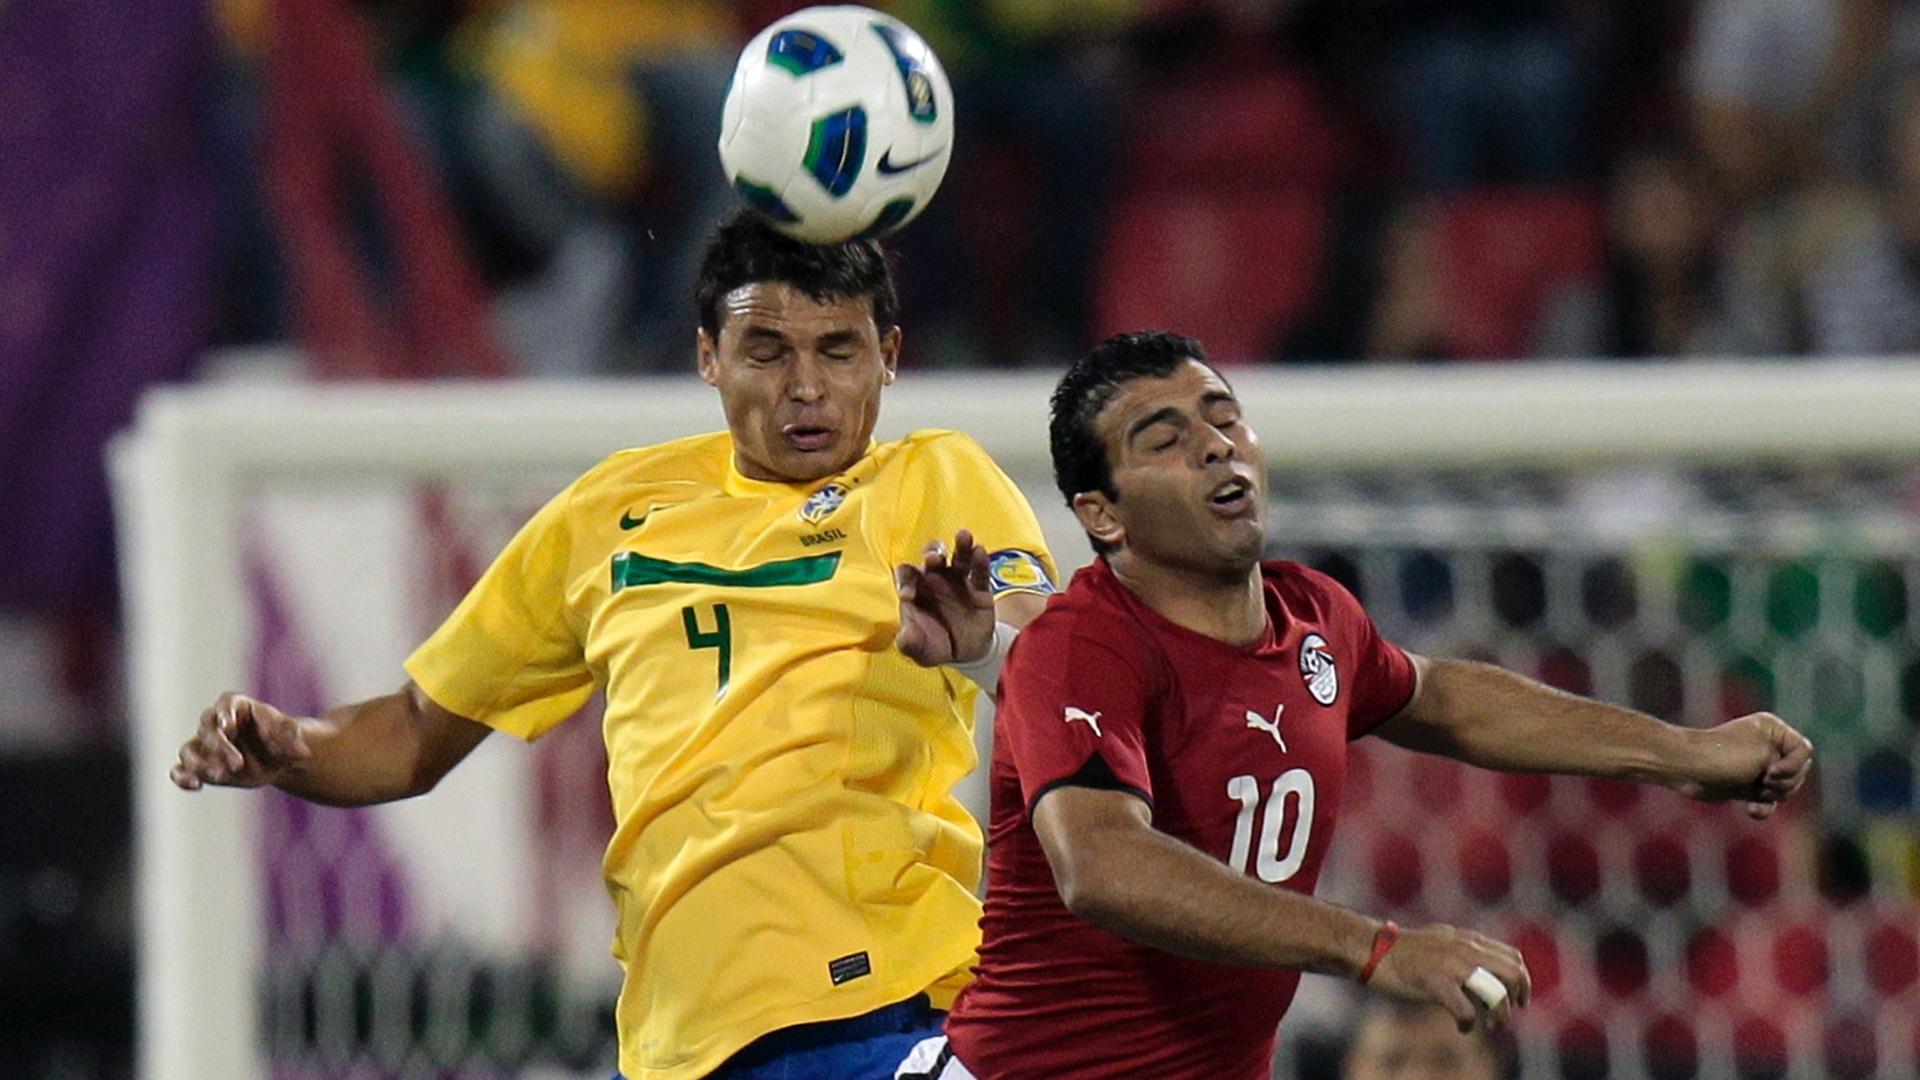 Thiago Silva disputa a bola pelo alto contra o egípcio Emad Methab, em amistoso realizado no Qatar